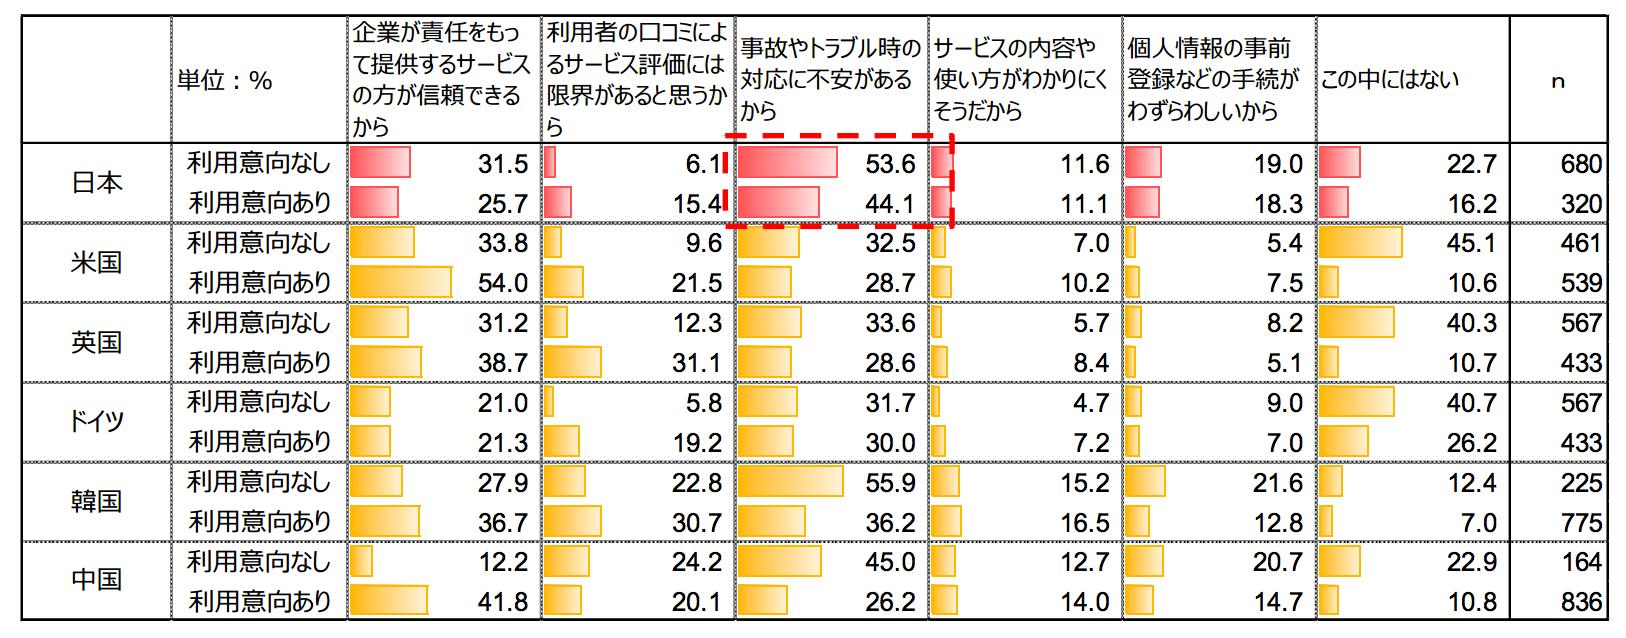 summary01_pdf